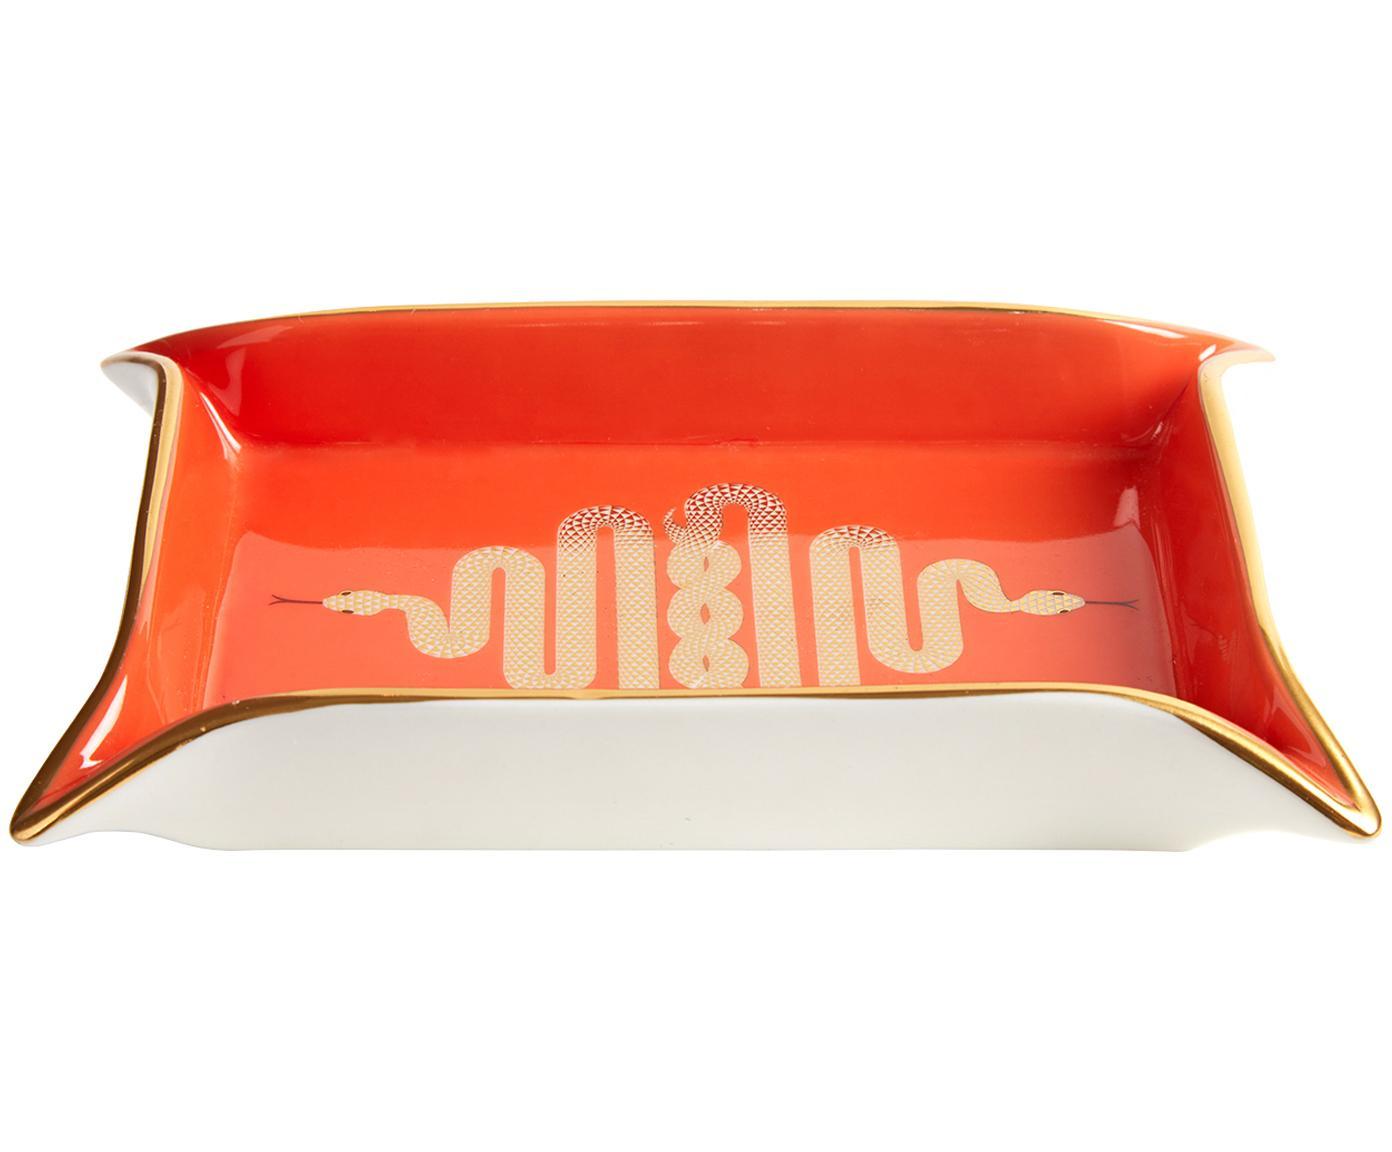 Miska Snake, Porcelana, pozłacane akcenty, Wewnątrz: pomarańczowy, złoty<br>Na zewnątrz: biały, 18 x 13 cm